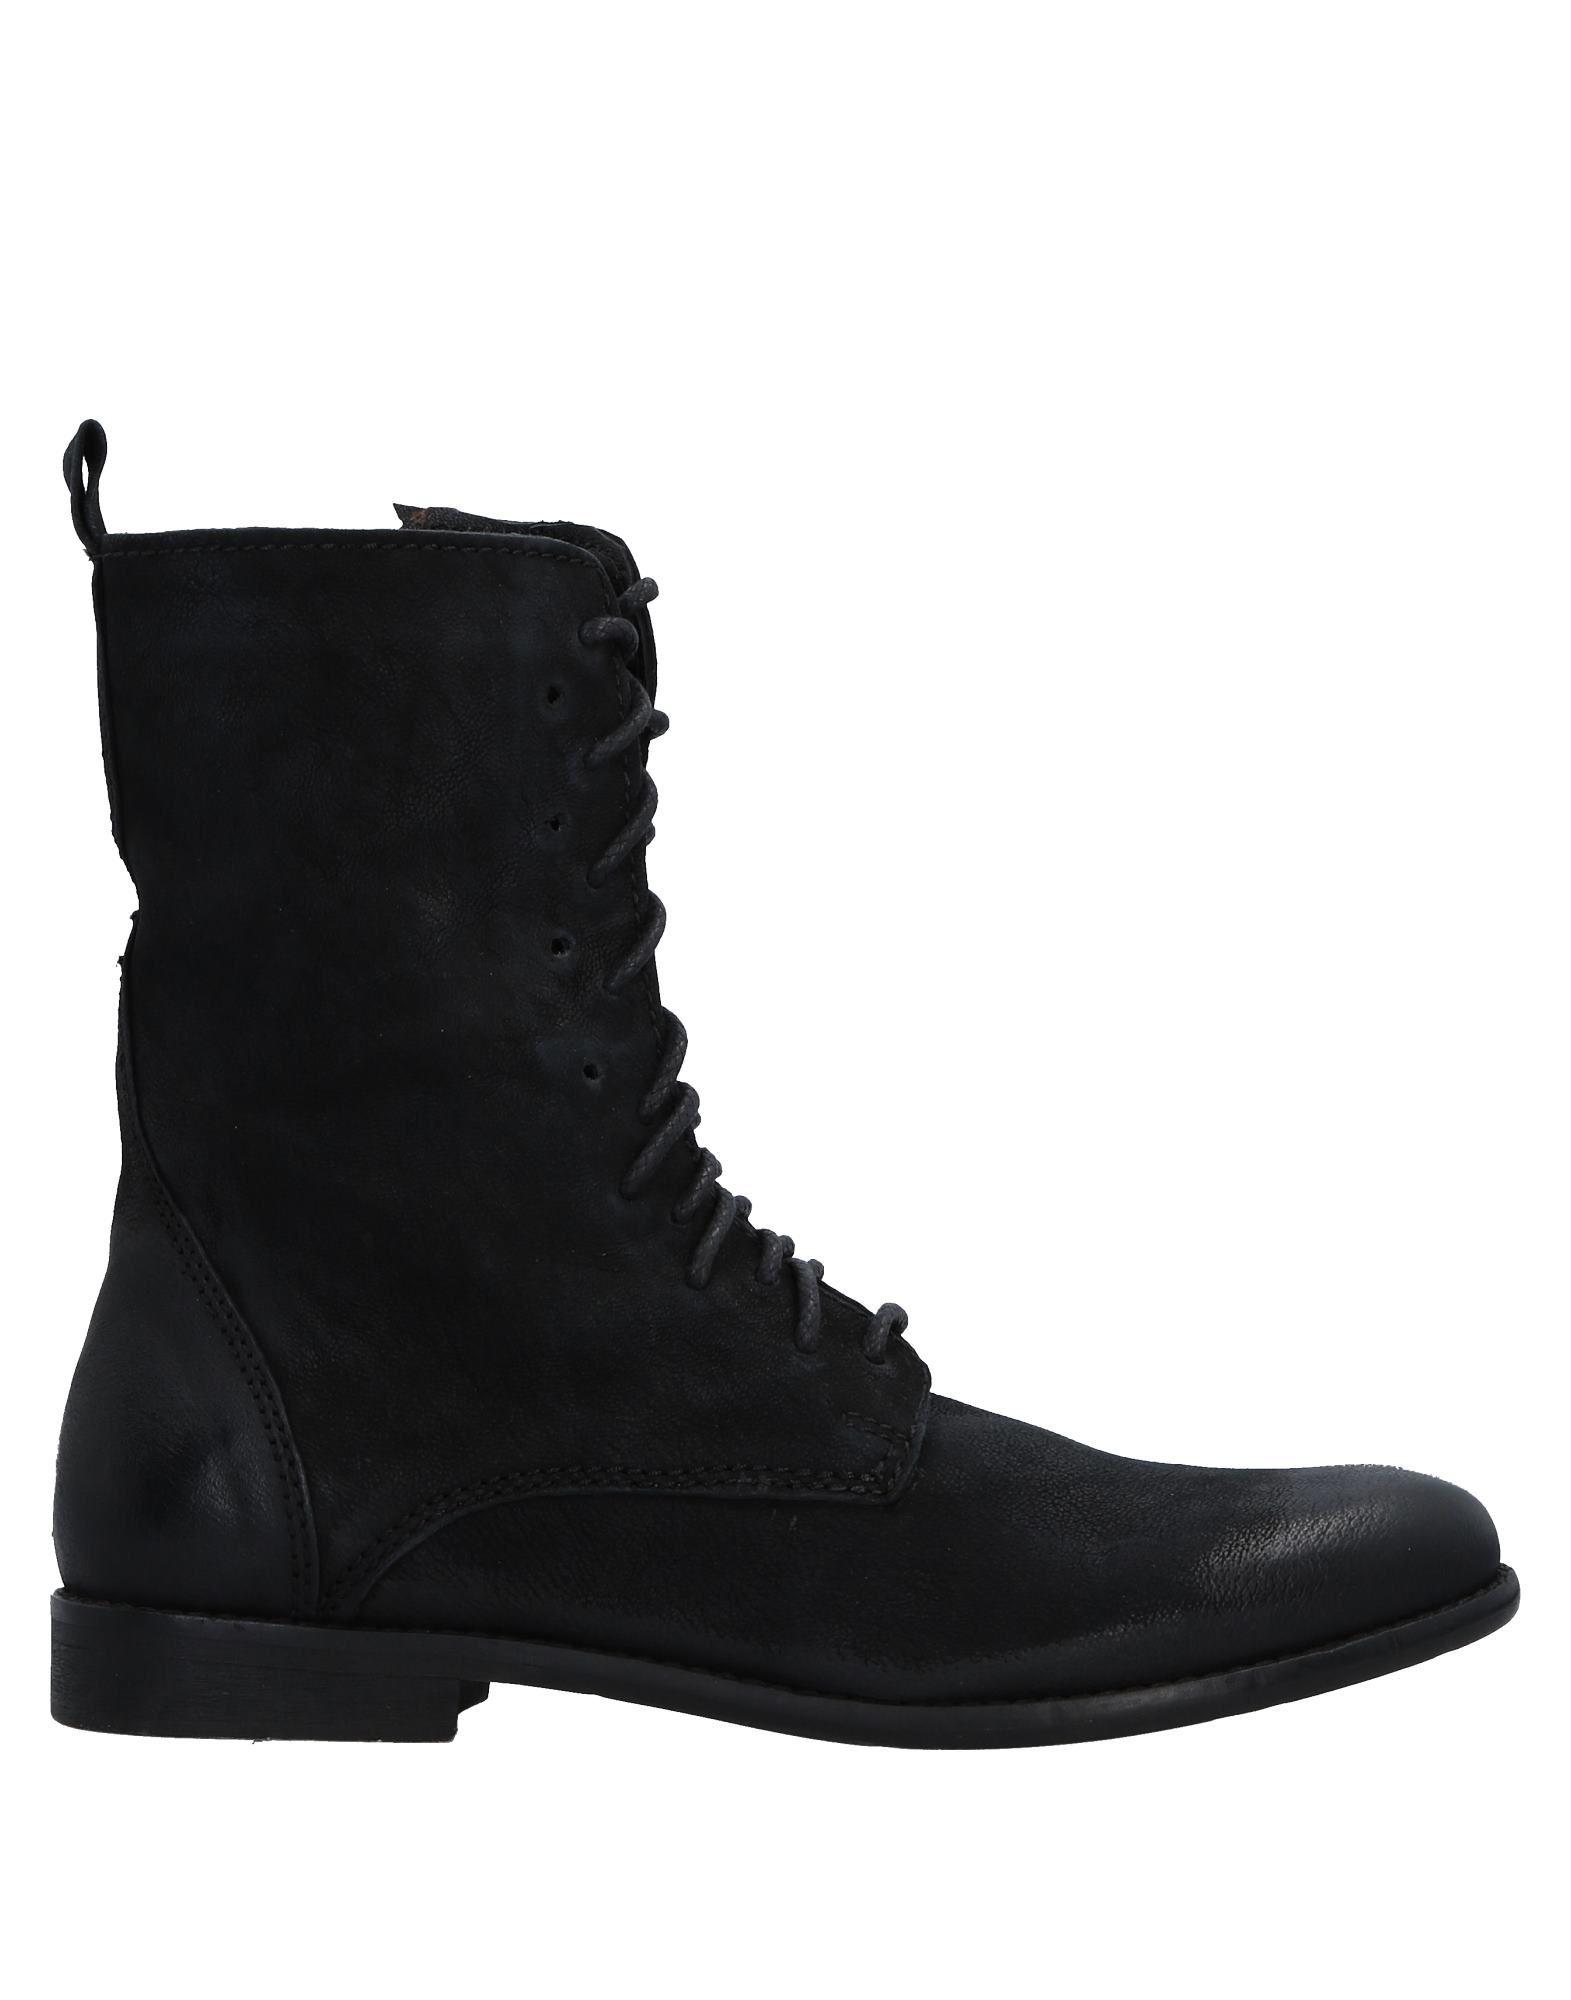 Inuovo Stiefelette Damen  11533029DX Gute Qualität beliebte Schuhe